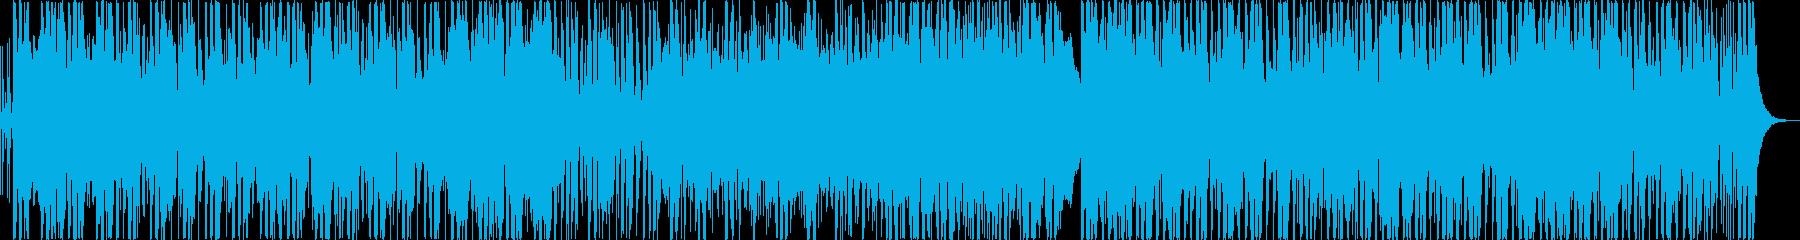 インド風エキゾチックサウンドの再生済みの波形